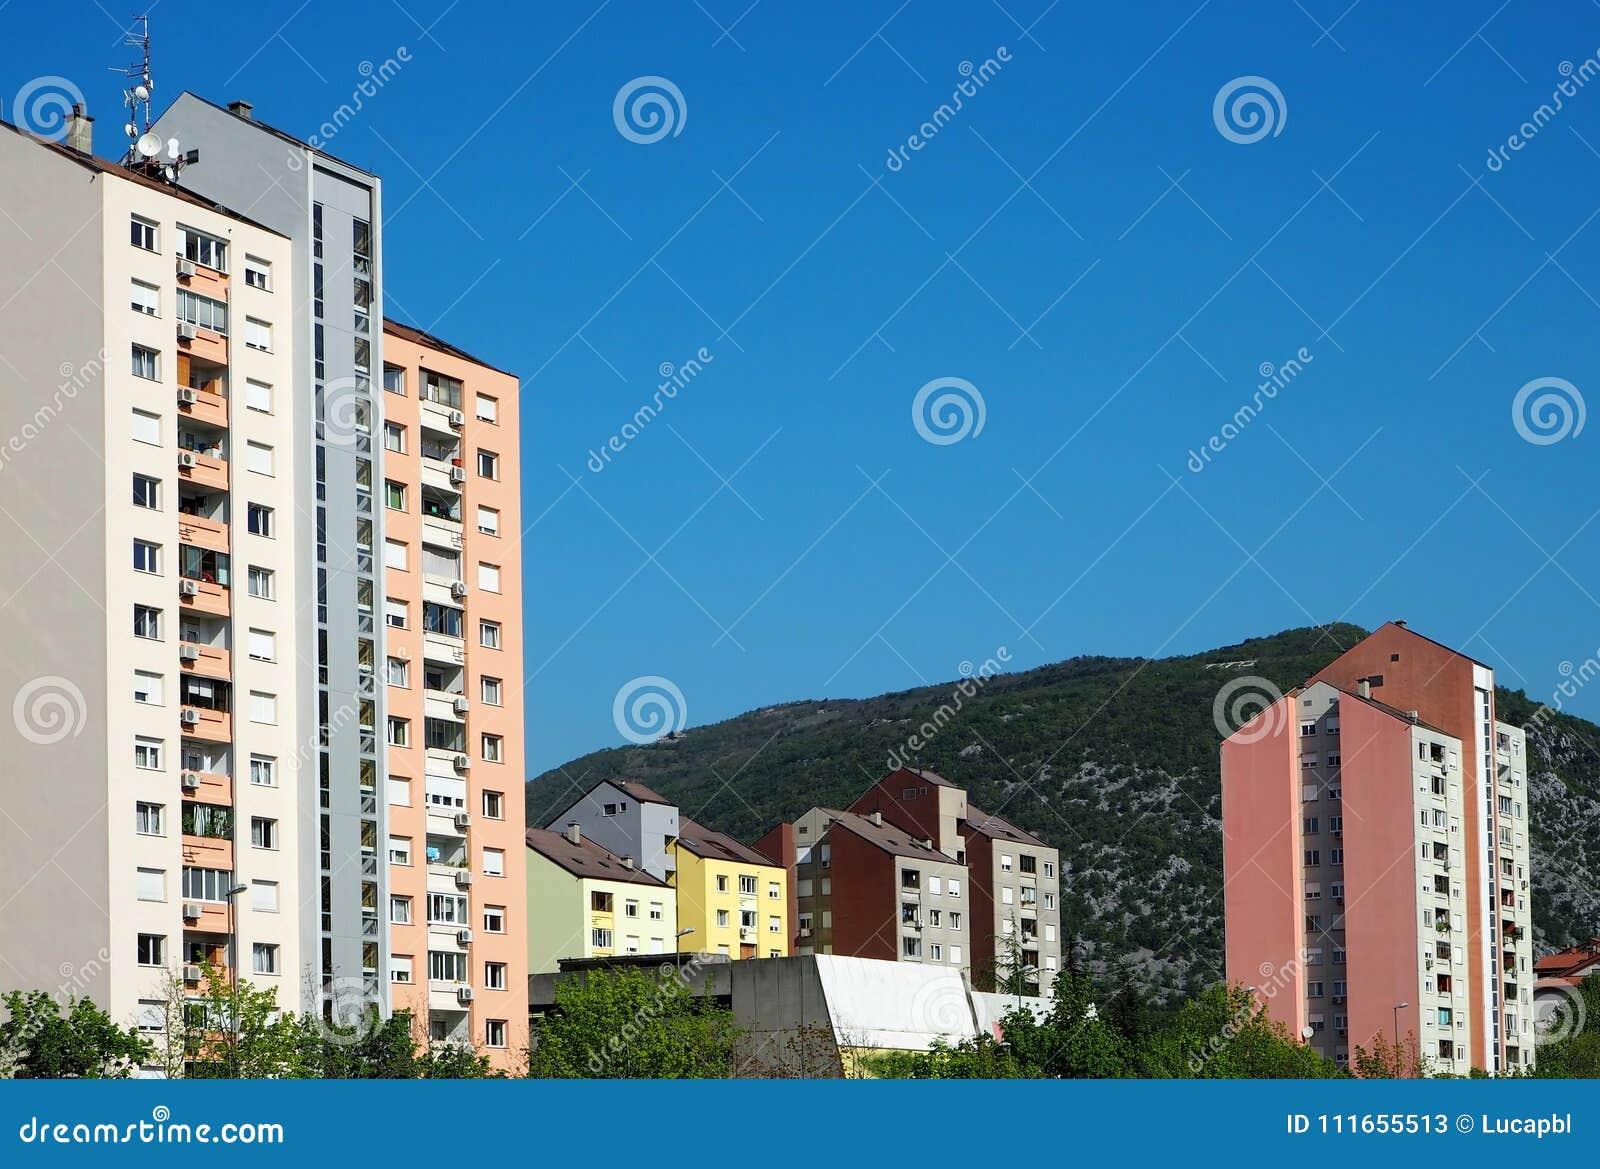 Нова Gorica, Словения Яркие красочные здания составили в социалистическом стиле архитектуры модернизма